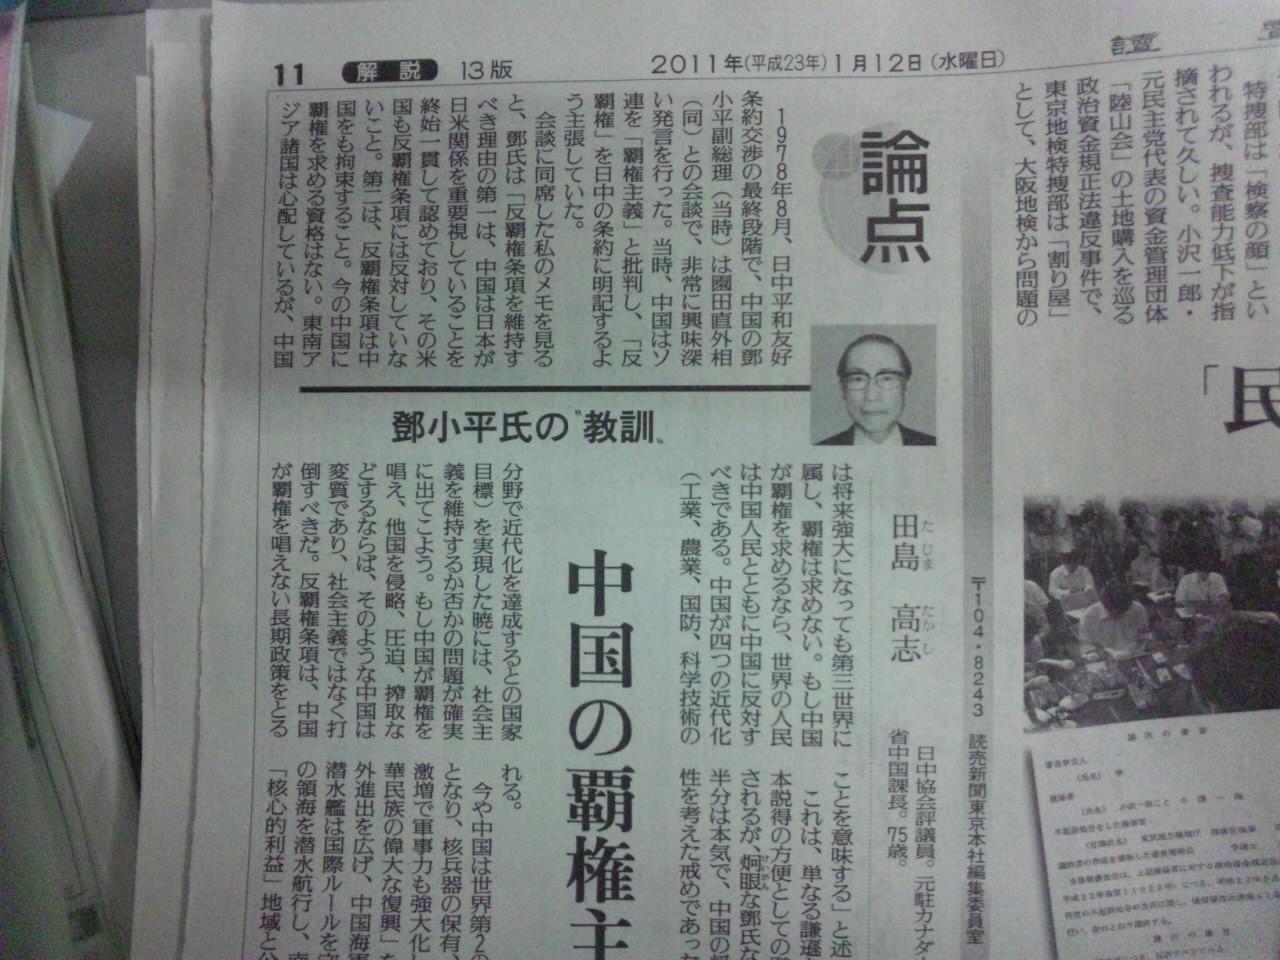 漢語角三周年大会で講演した田島先生の寄稿_d0027795_22441991.jpg